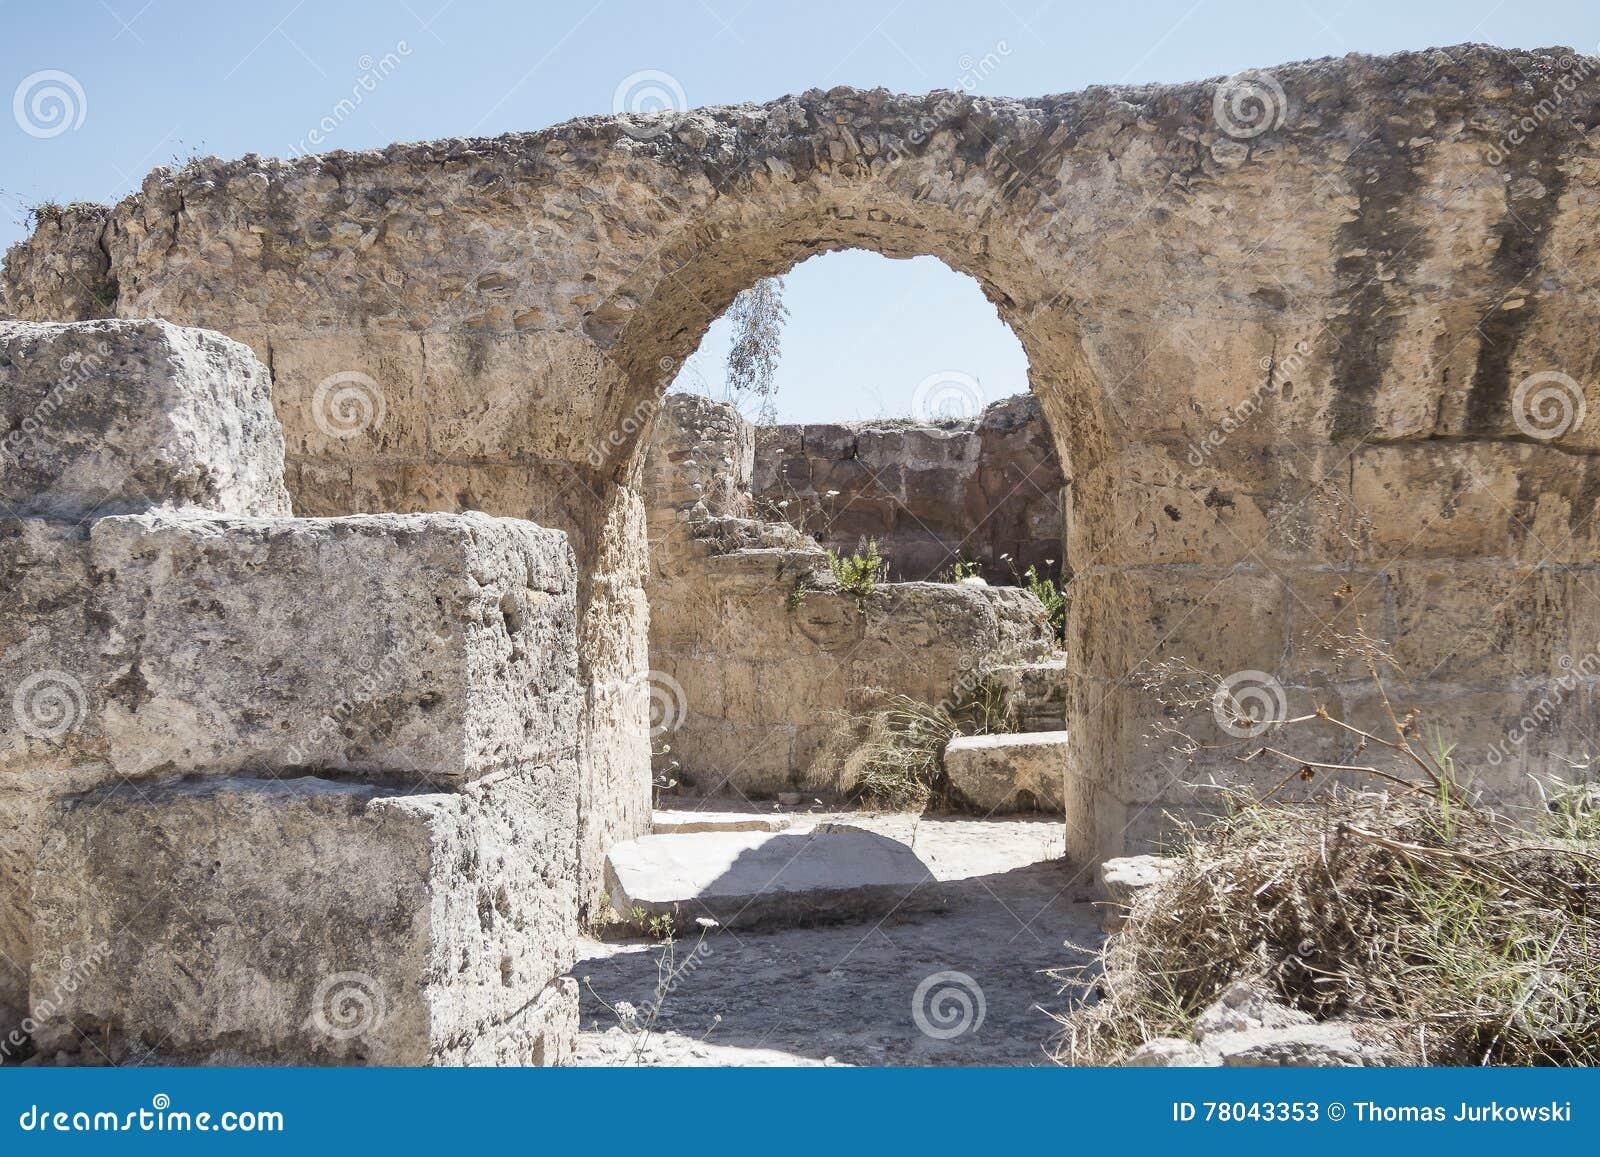 Caratagina in Tunisia